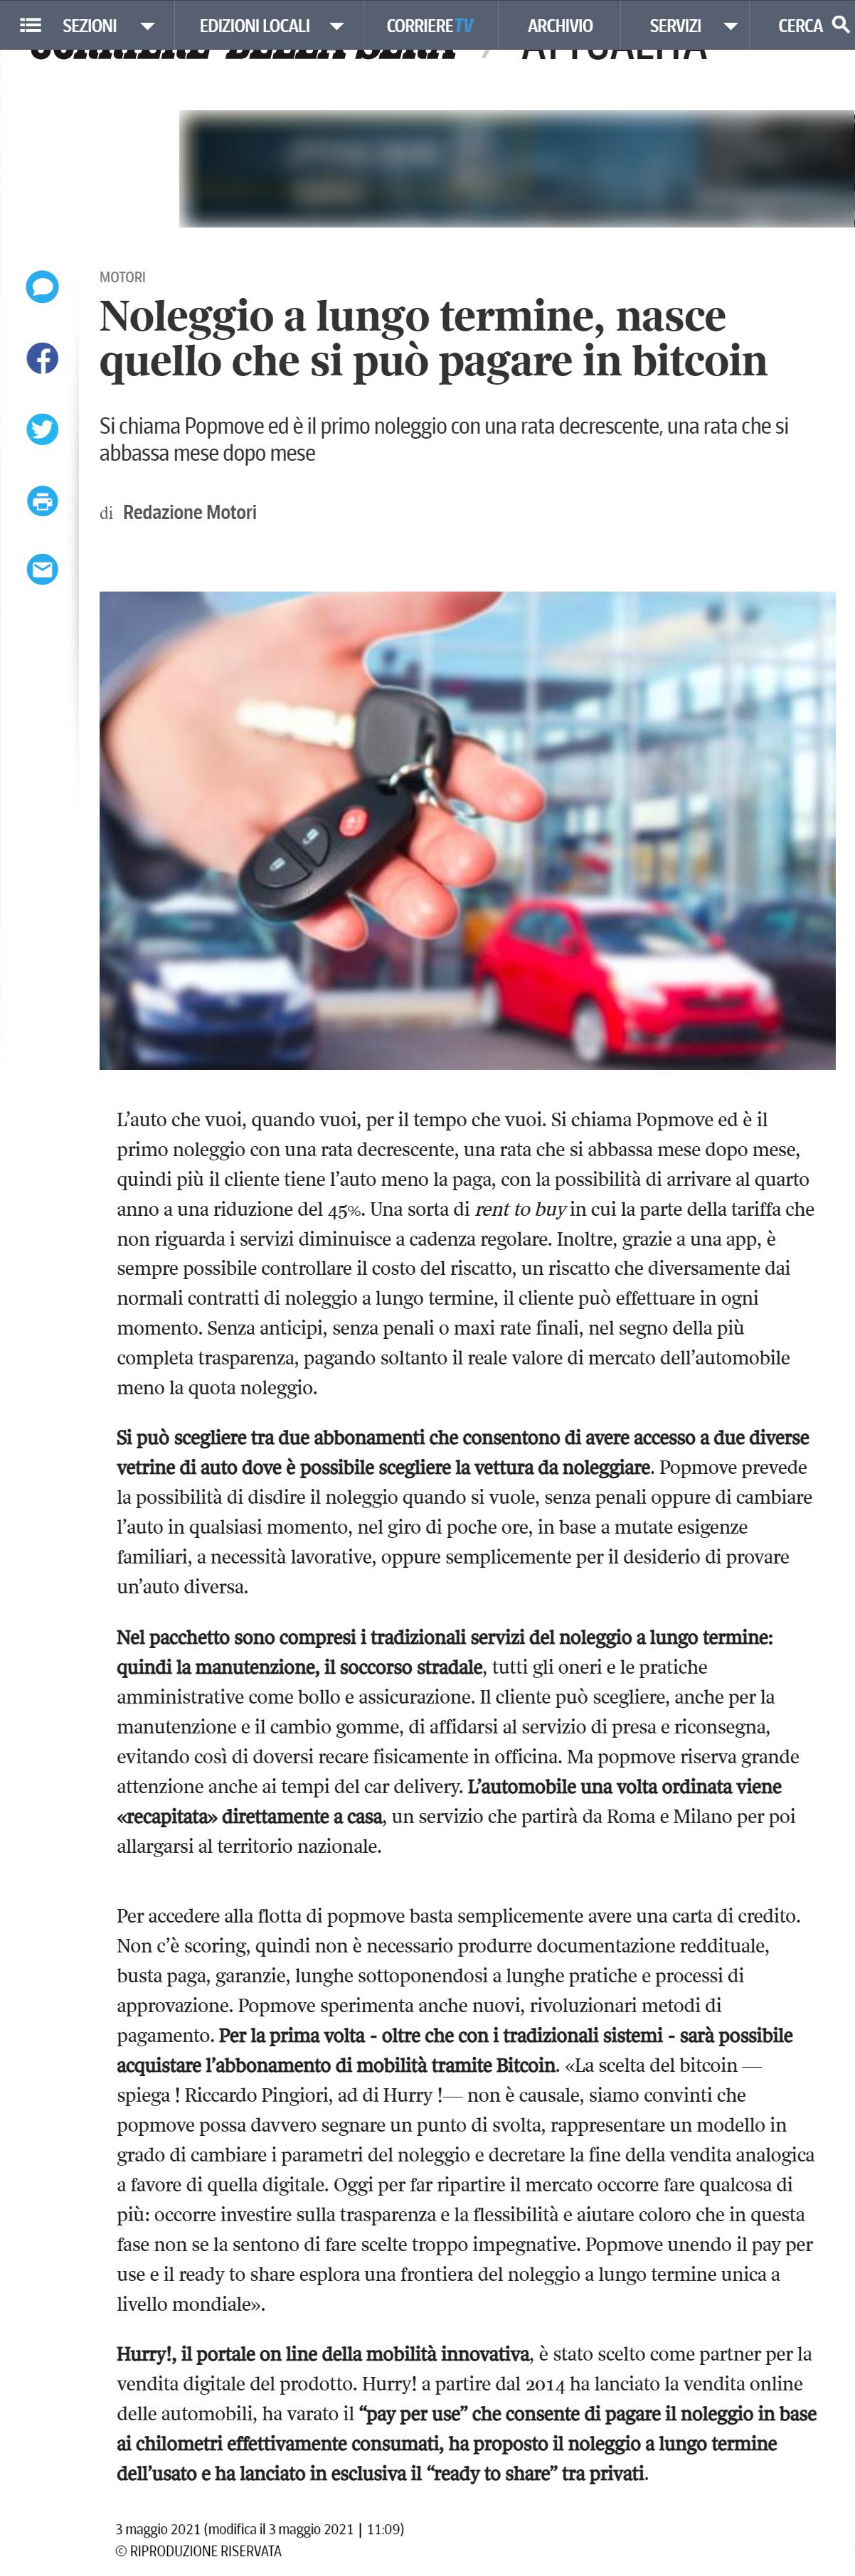 Noleggio-a-lungo-termine-nasce-quello-che-si-può-pagare-in-bitcoin-Corriere-it